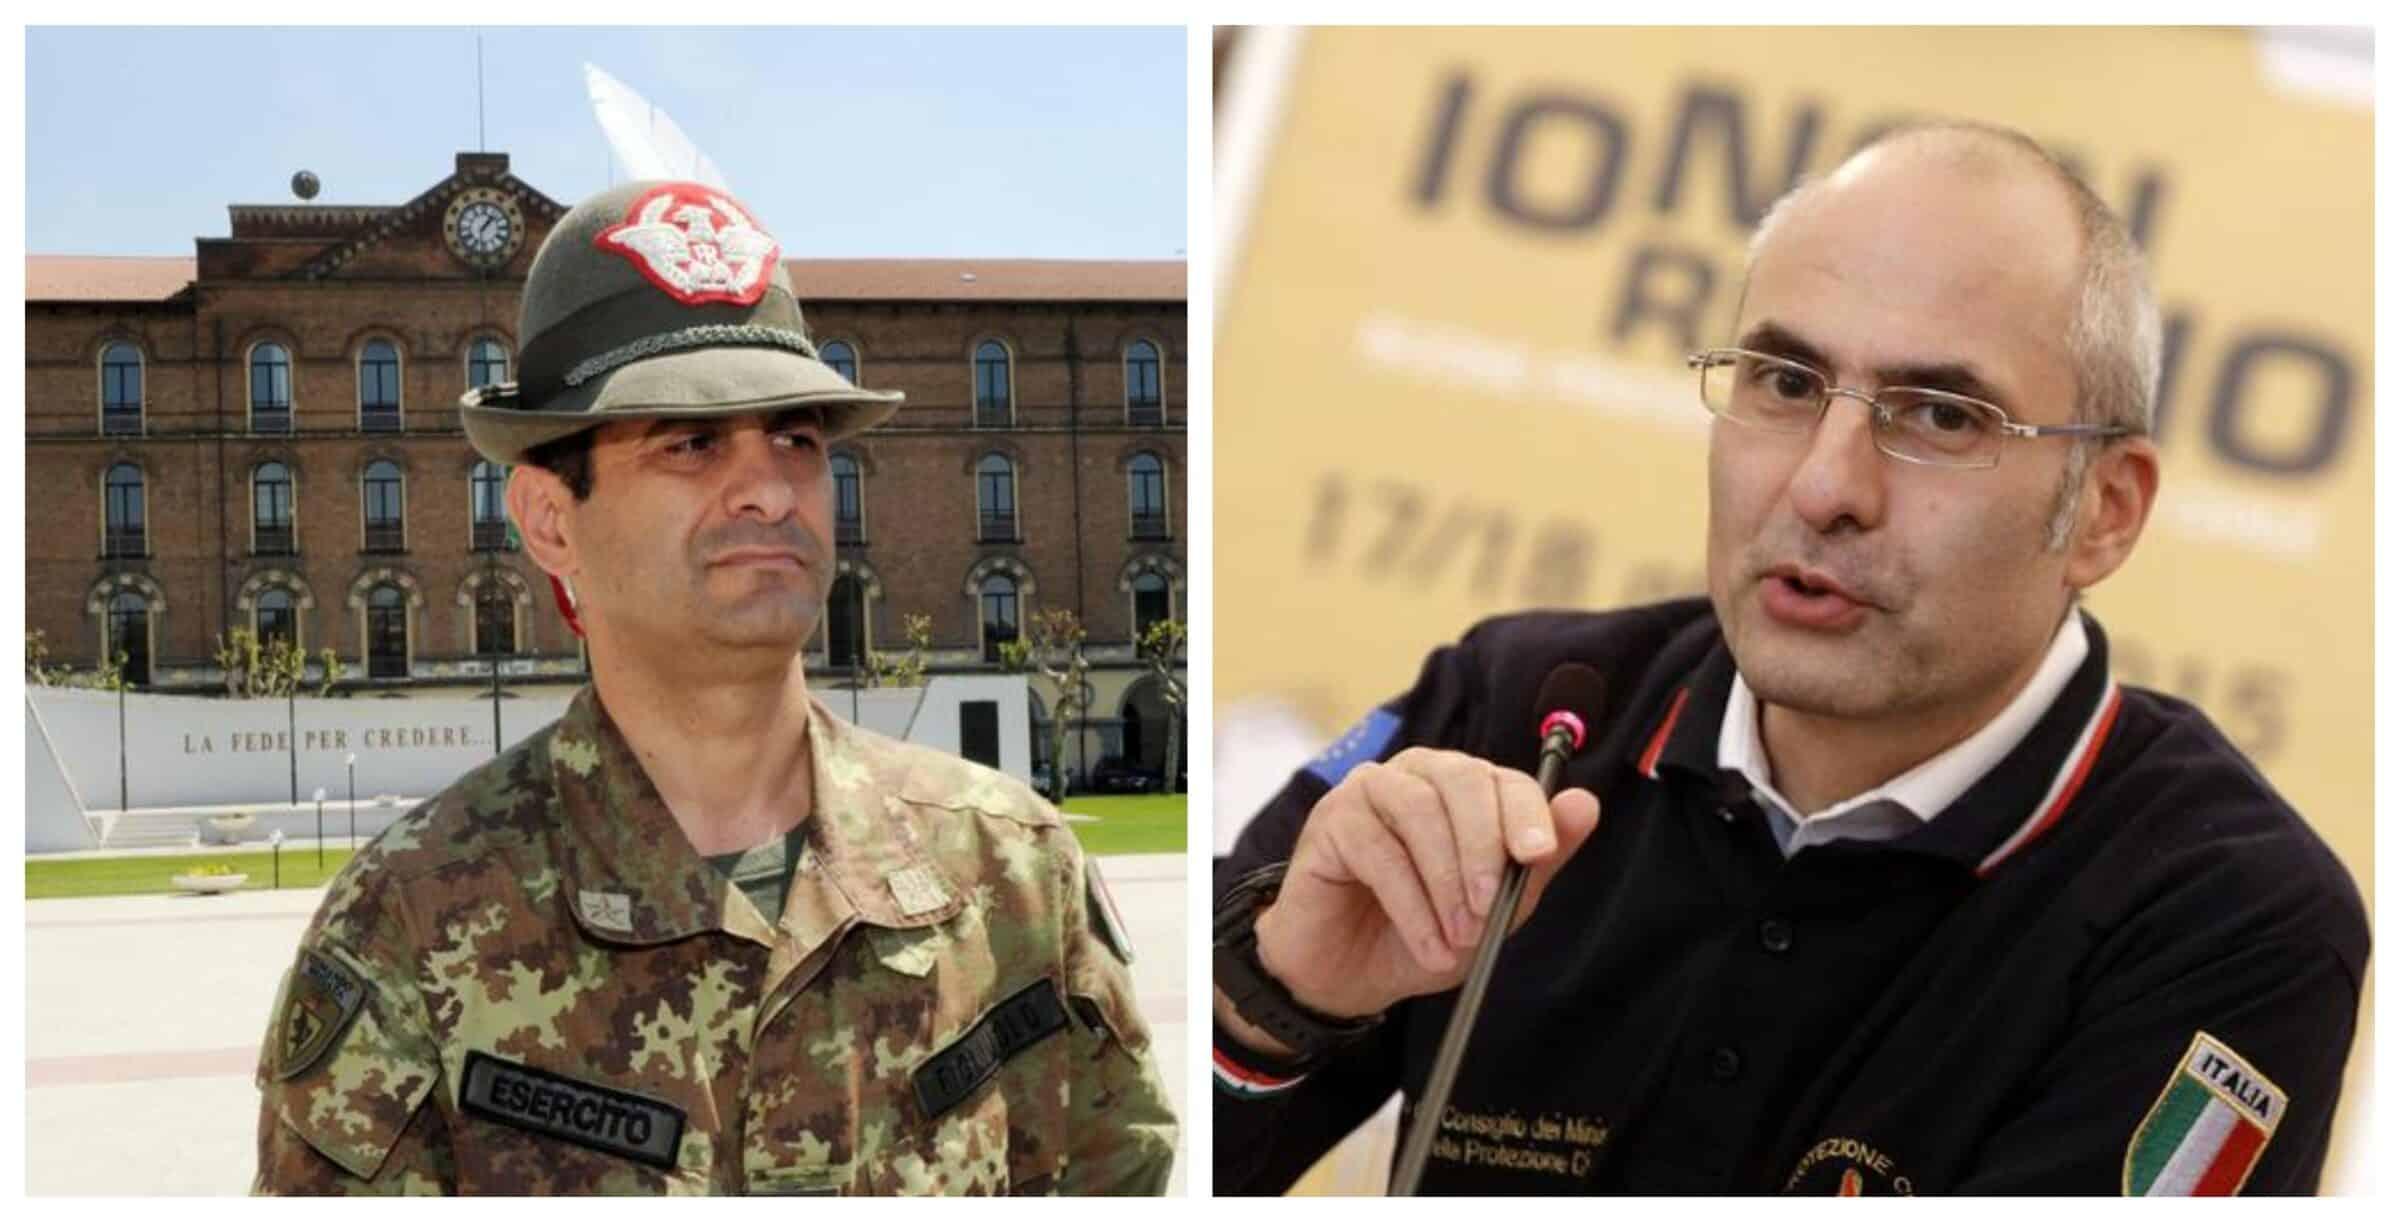 Emergenza Covid in Italia, cambio vertici: Generale Figliuolo nuovo commissario straordinario, Curcio a capo della Protezione civile